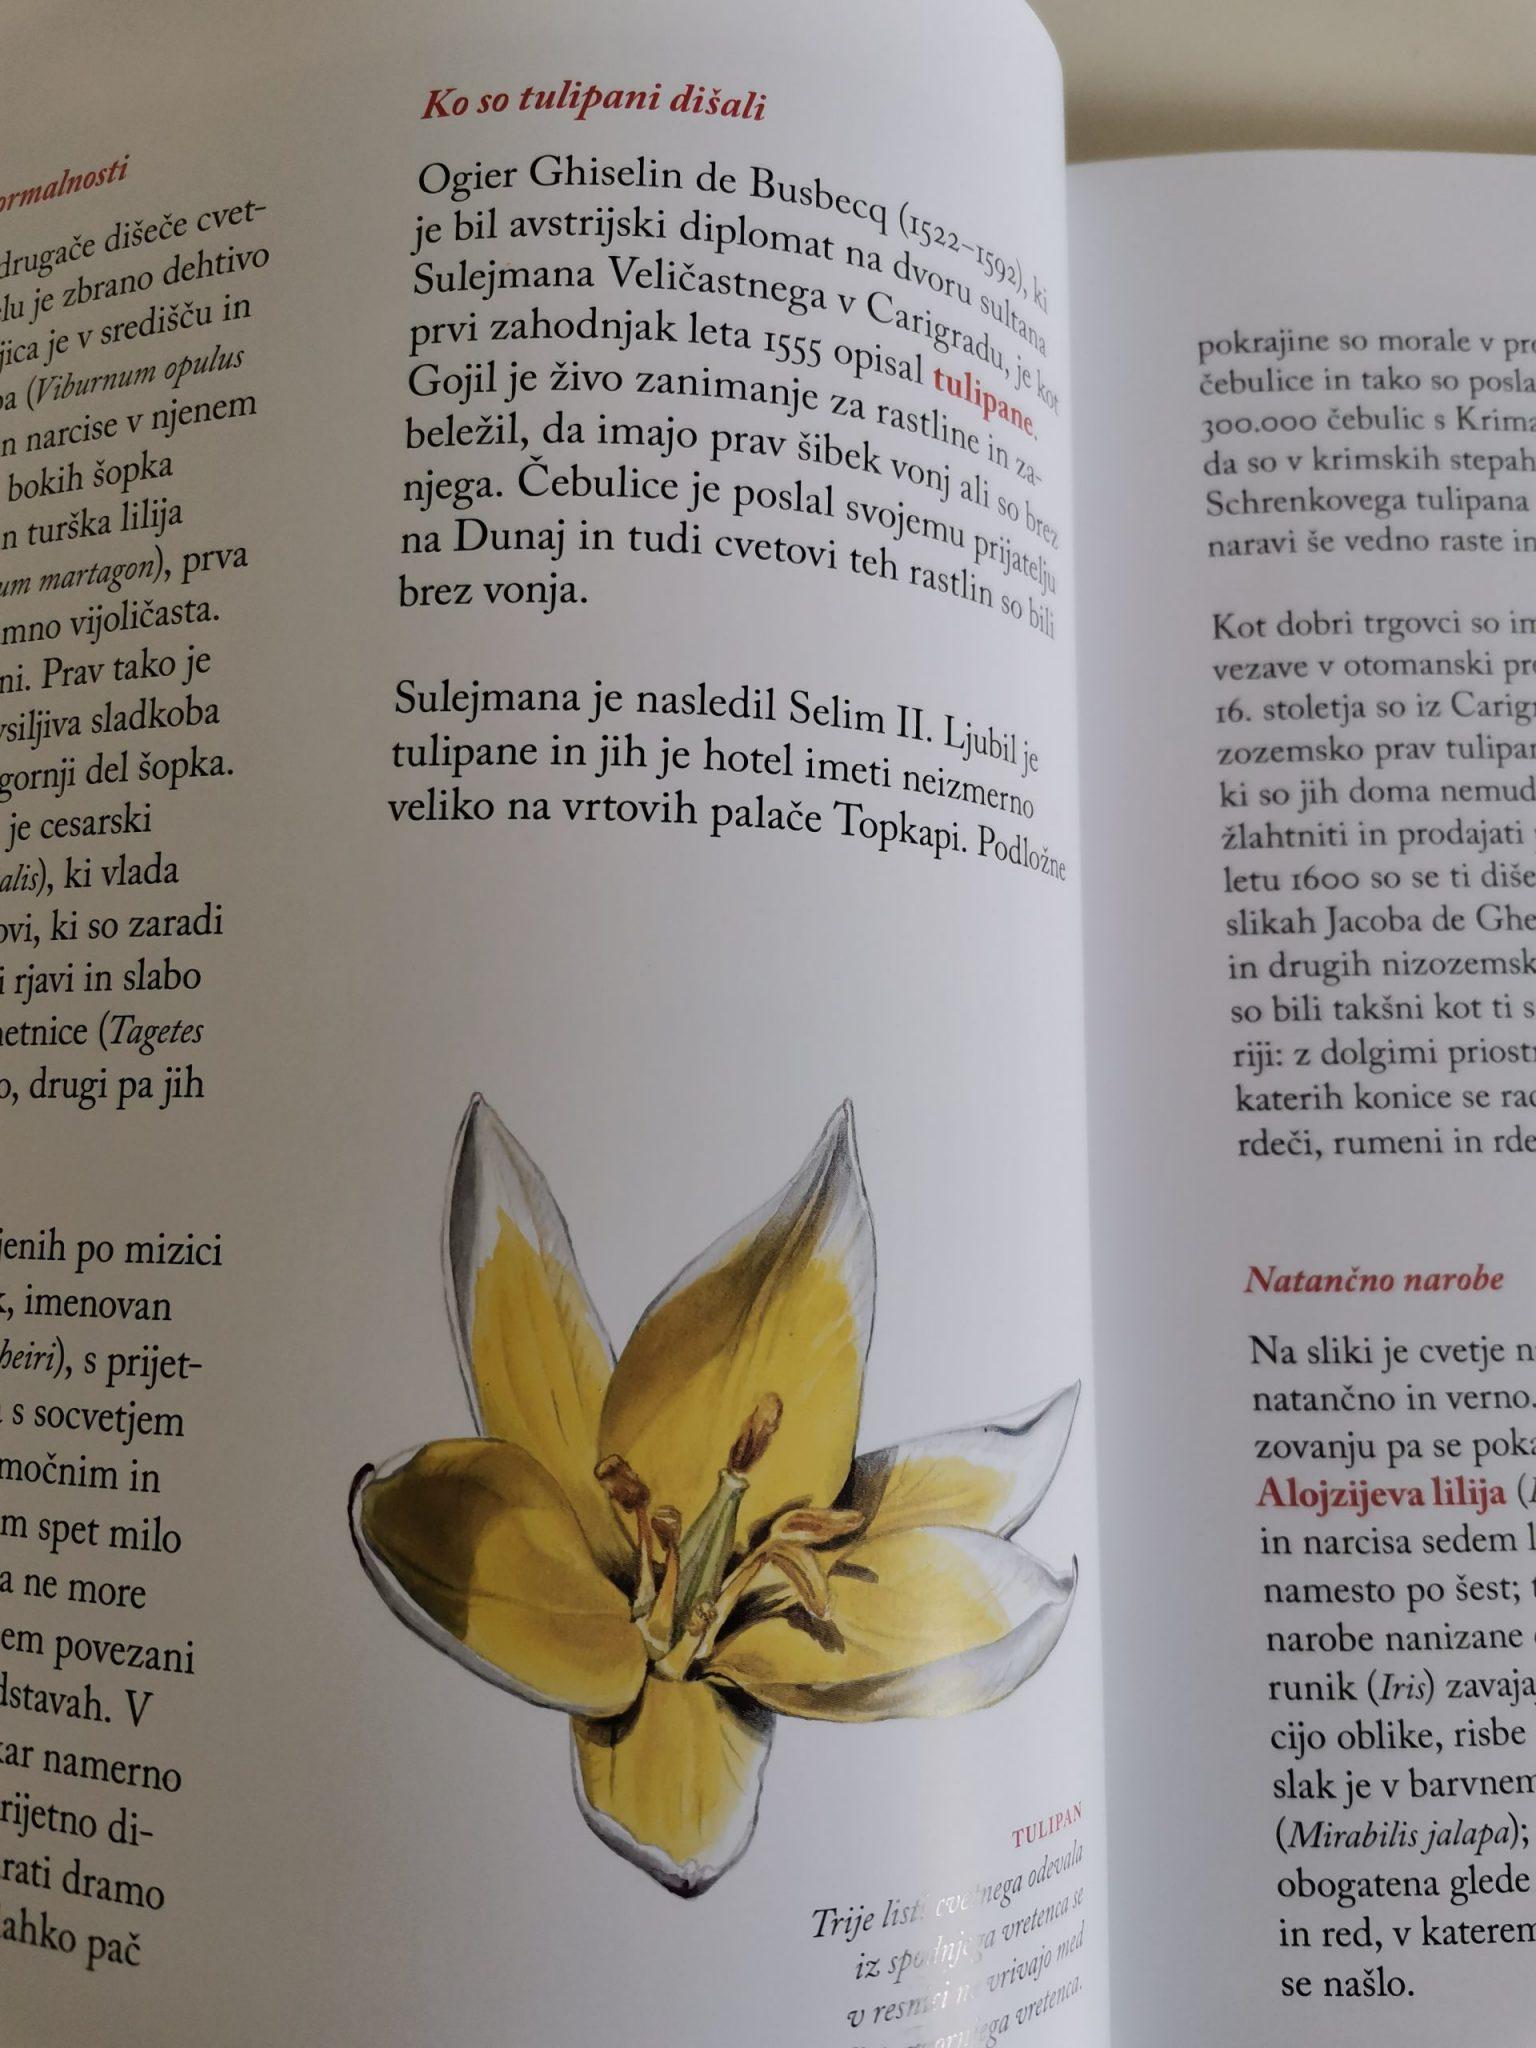 Cvetje in ženske